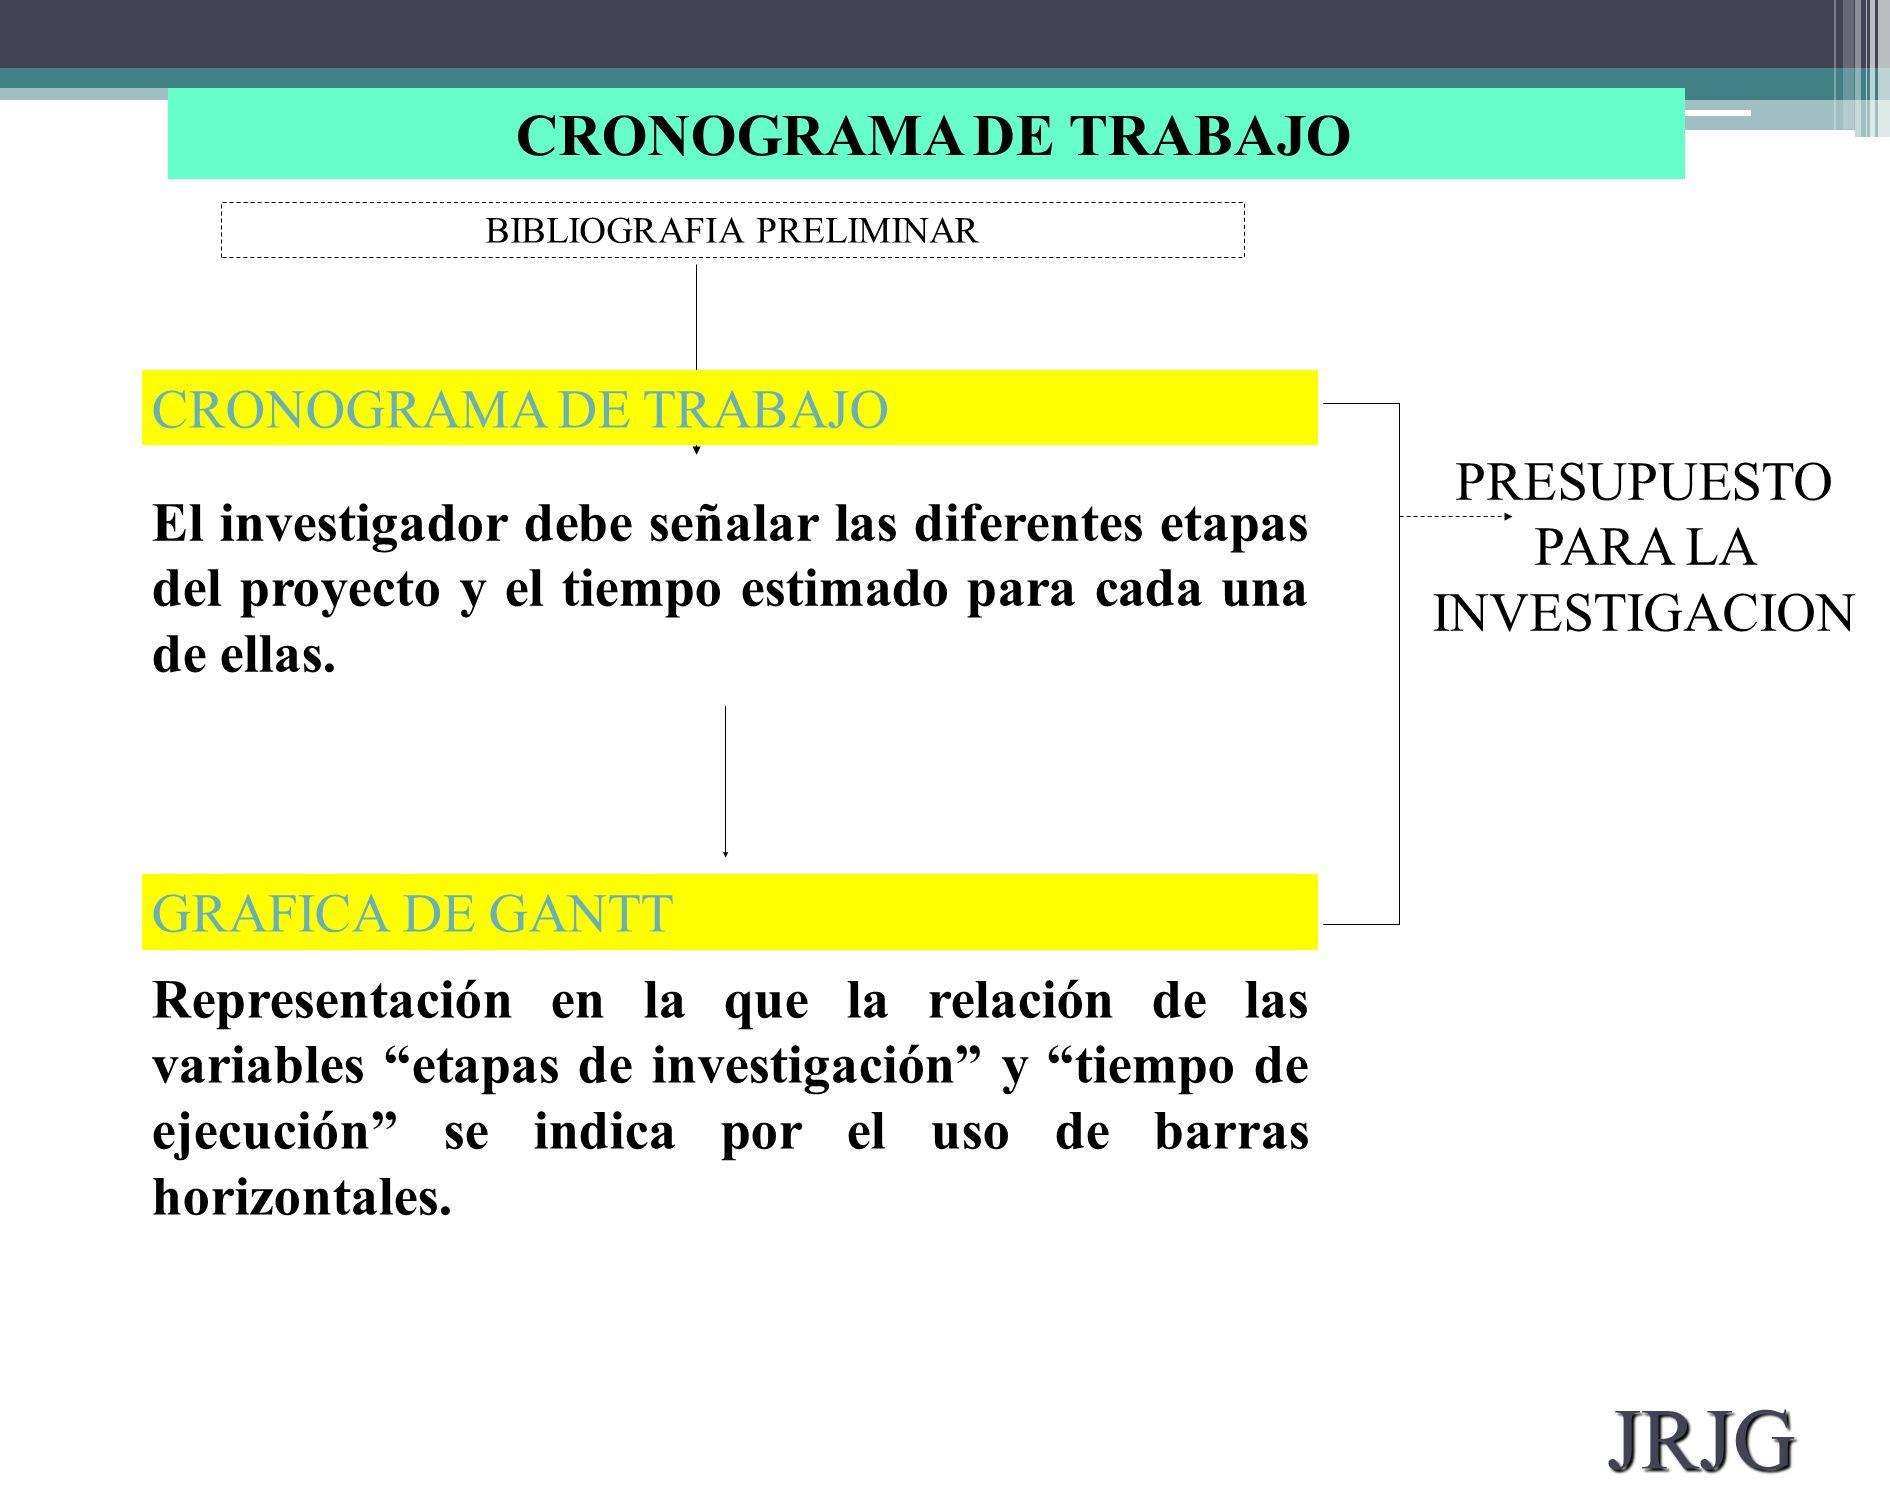 JRJG CRONOGRAMA DE TRABAJO CRONOGRAMA DE TRABAJO